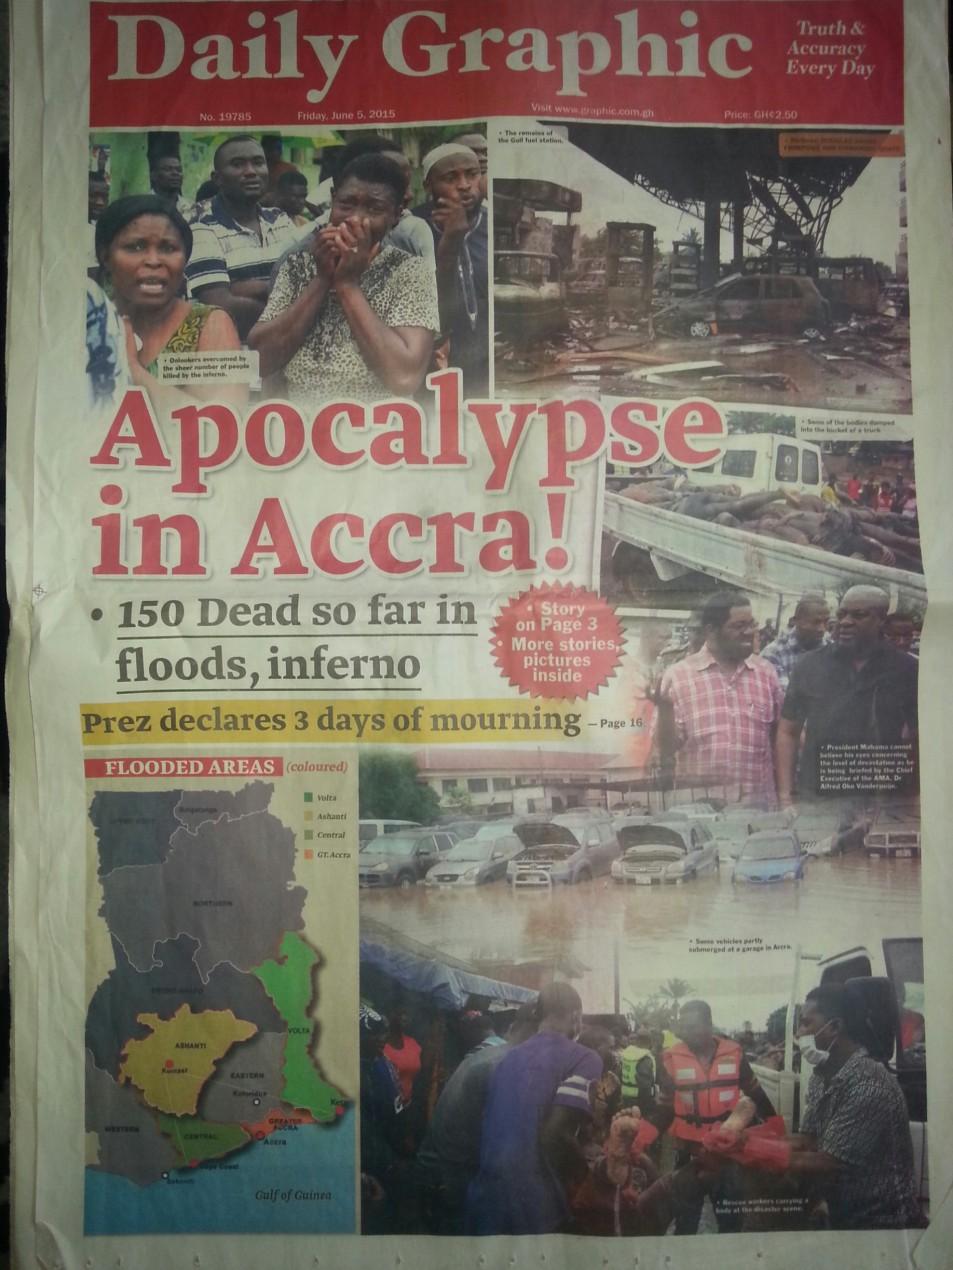 Daily Graphic Schlagzeile nach der Flut